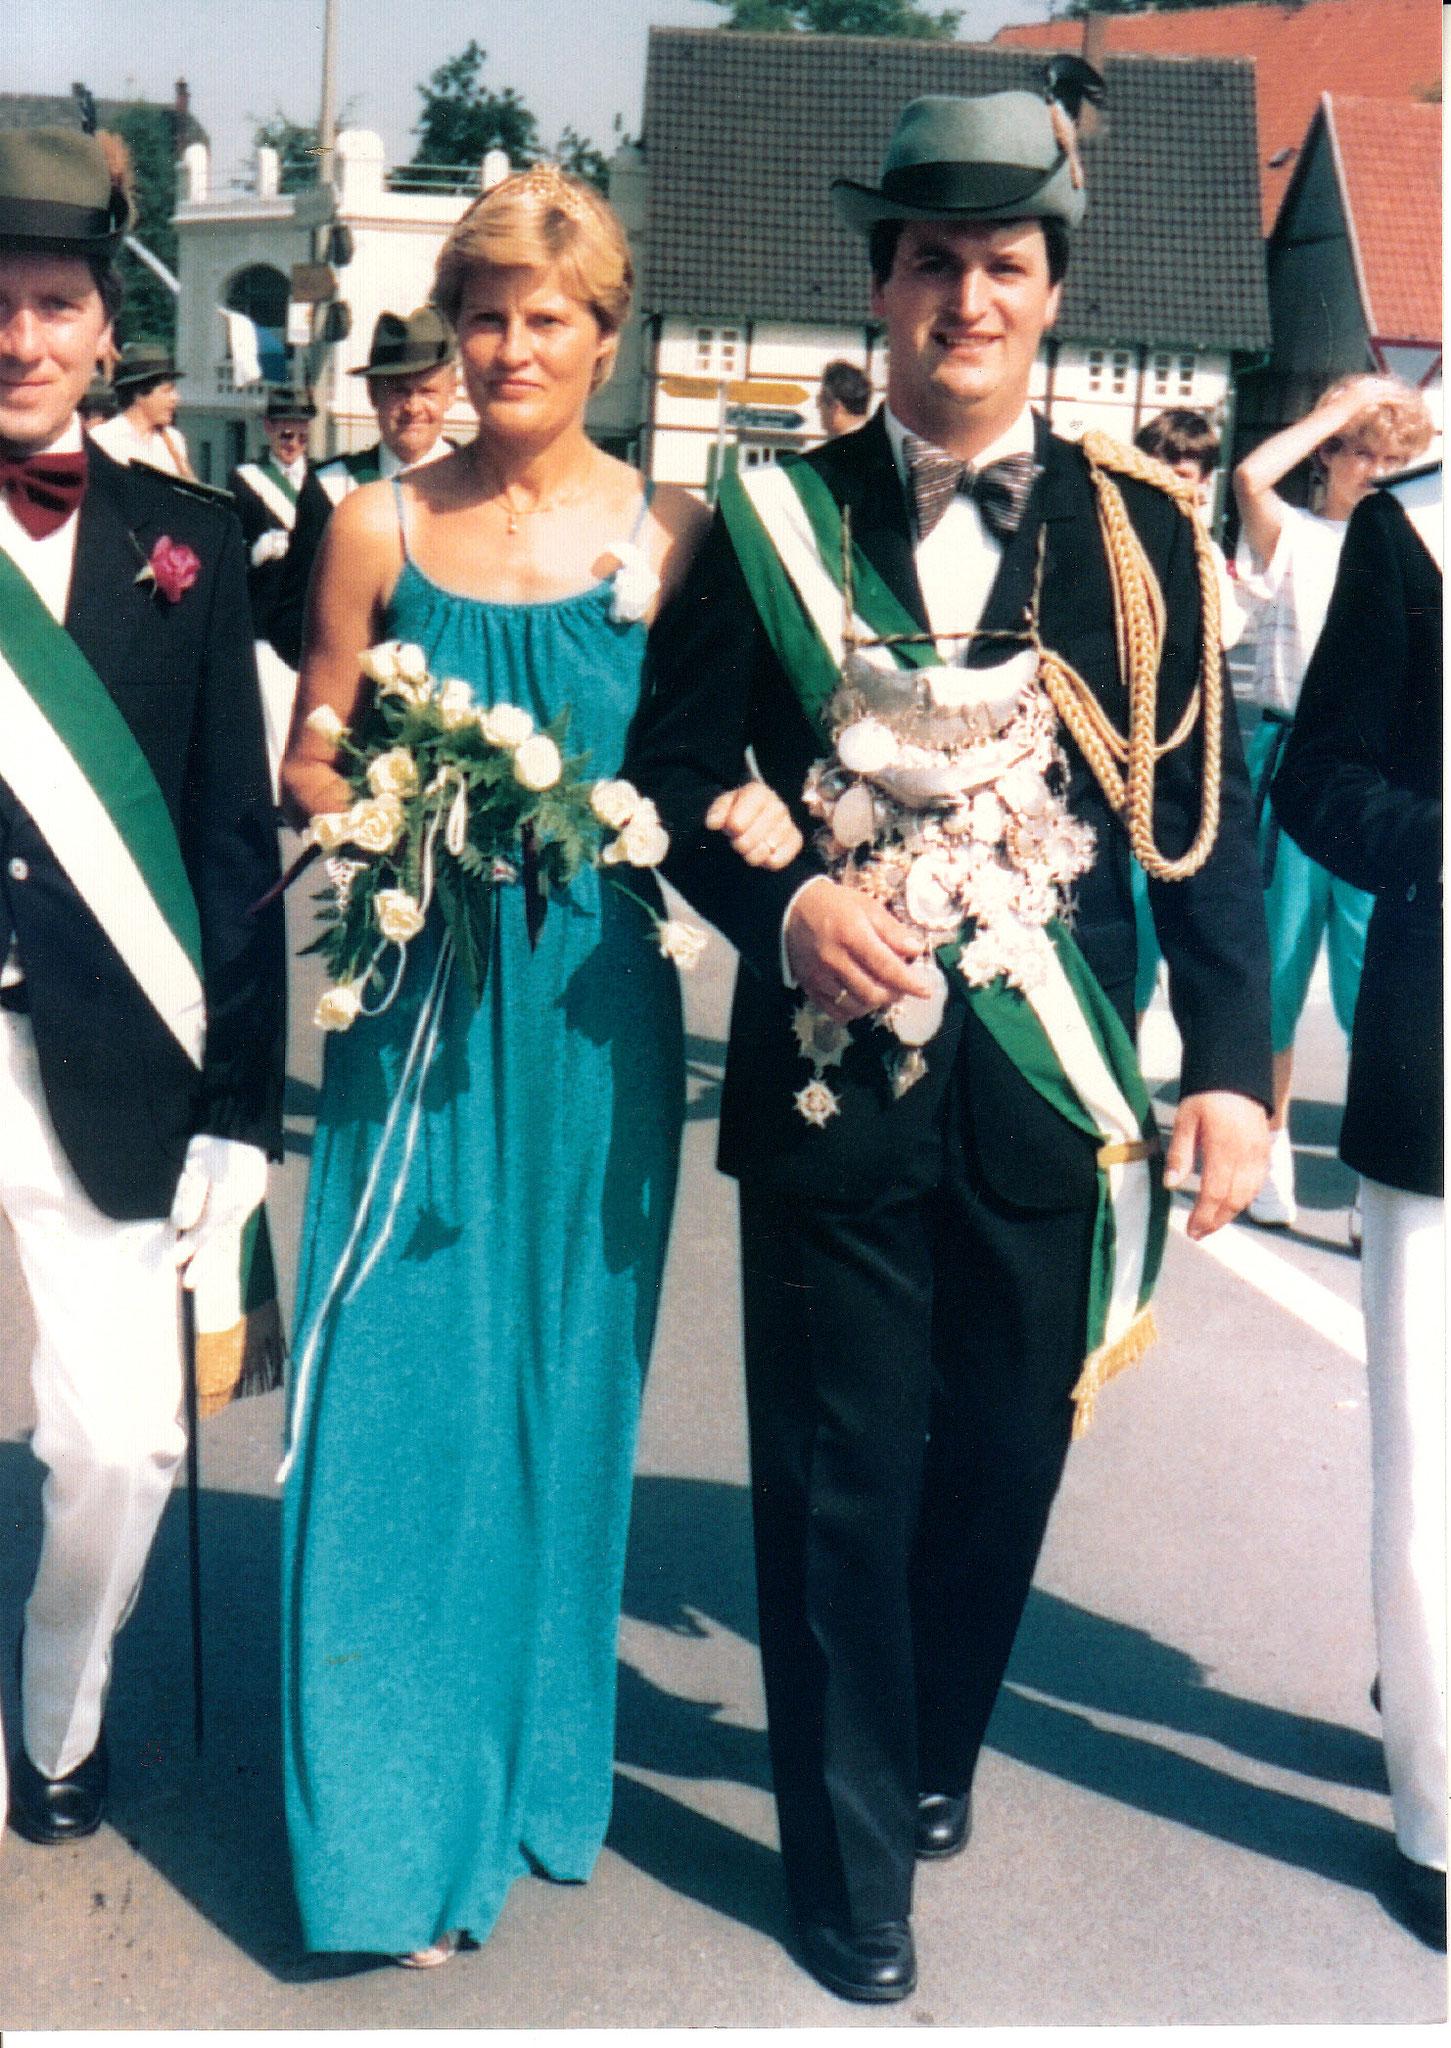 1982 Josef Christiani & Helga Wulffert